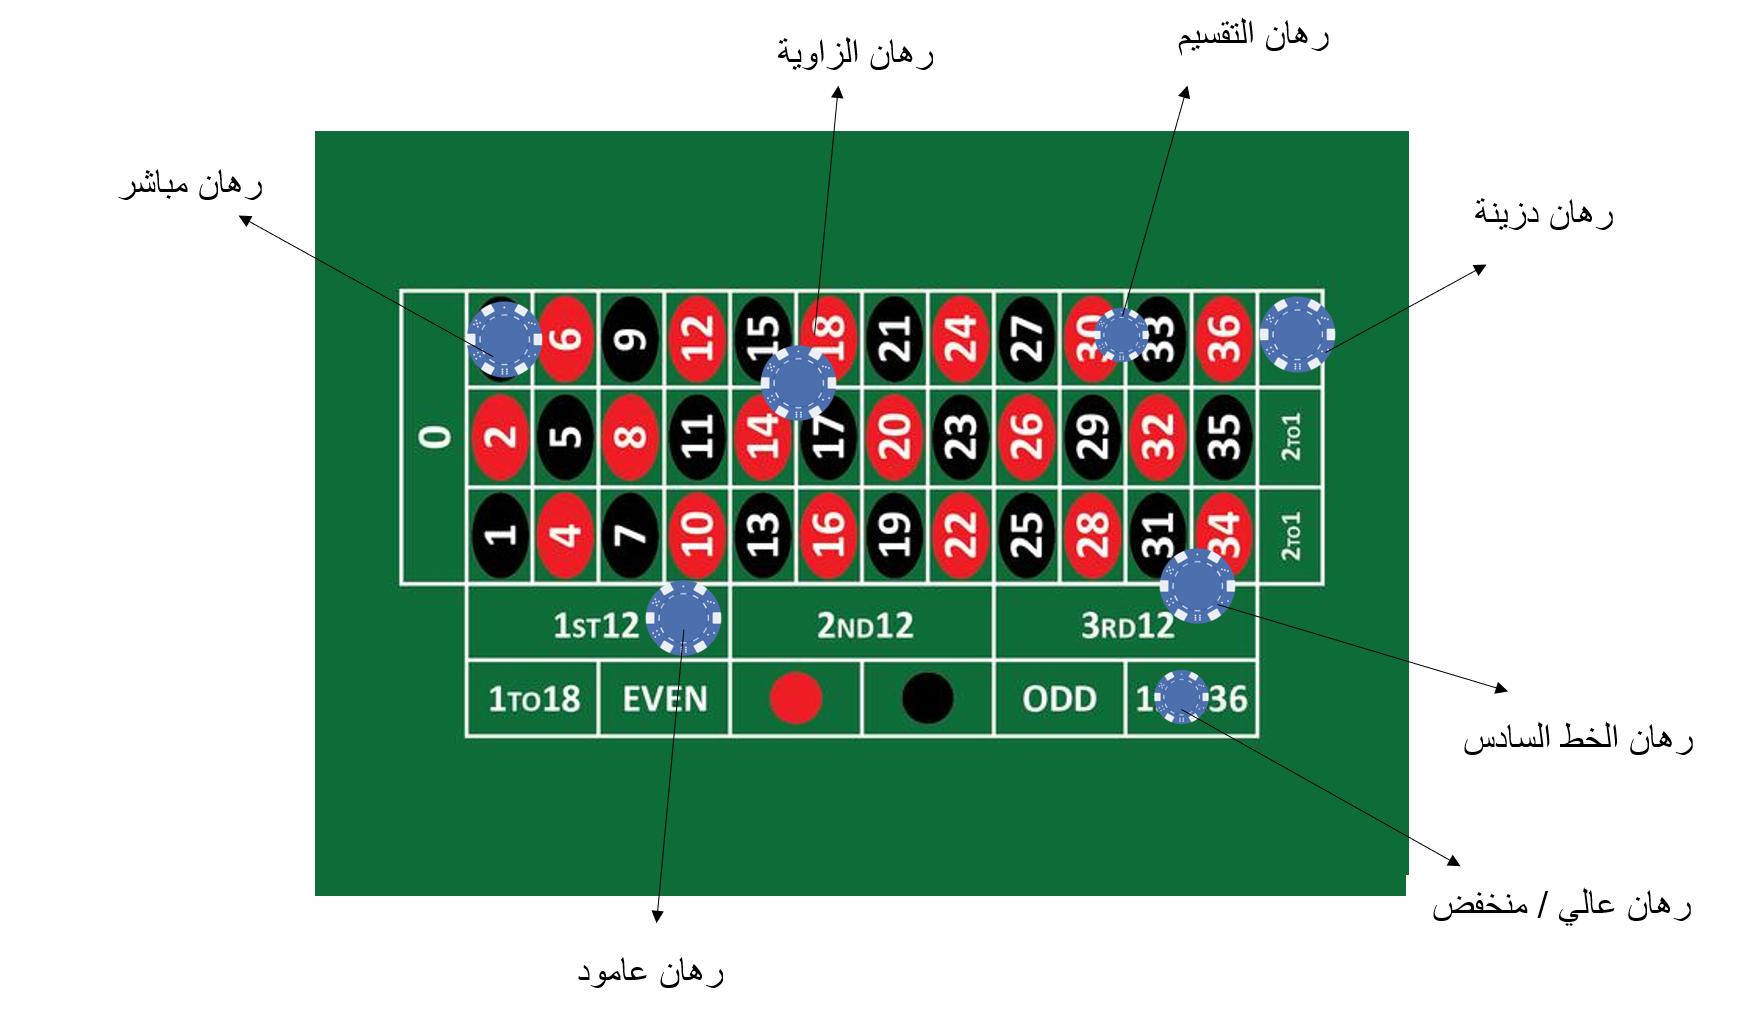 مايكروجيمنج البرمجيات - 18456